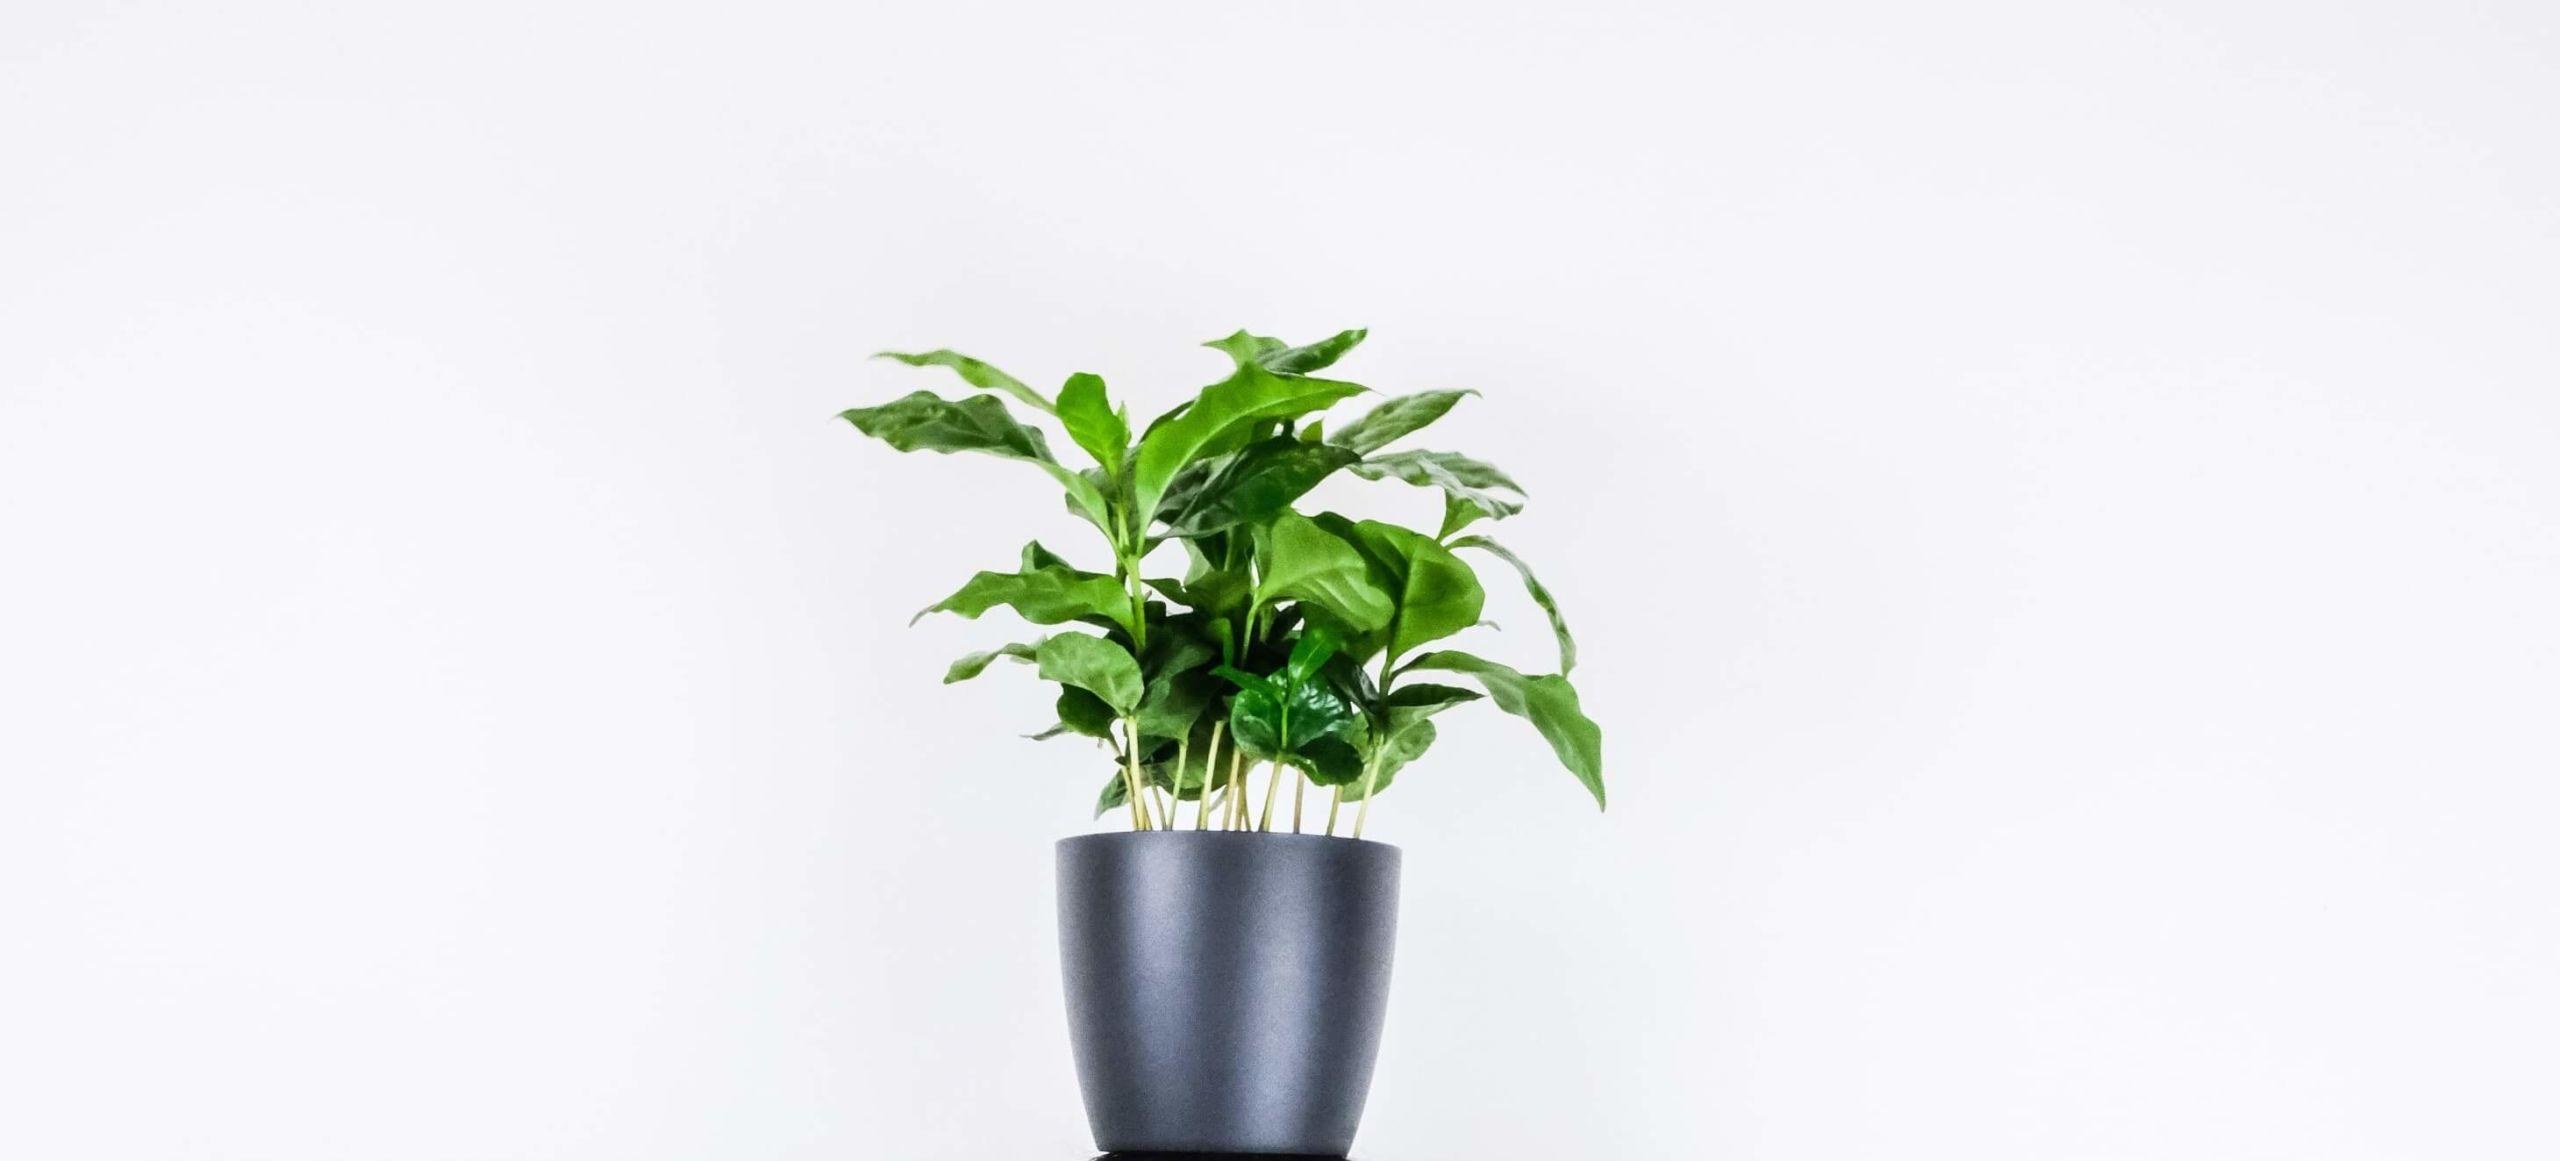 Kaffeepflanze in Topf